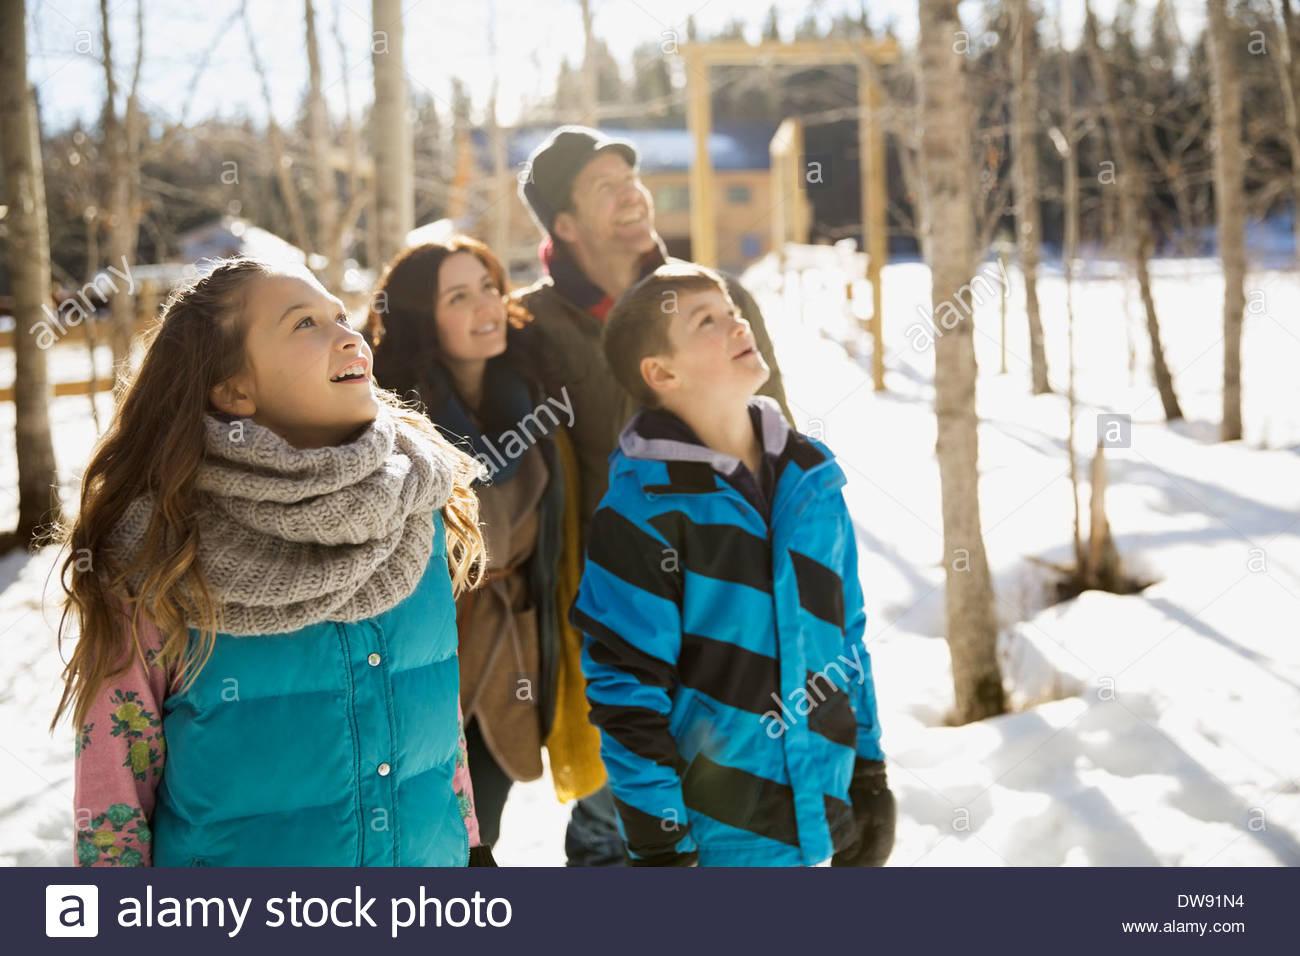 Familia mirando hacia arriba en el bosque nevado Imagen De Stock